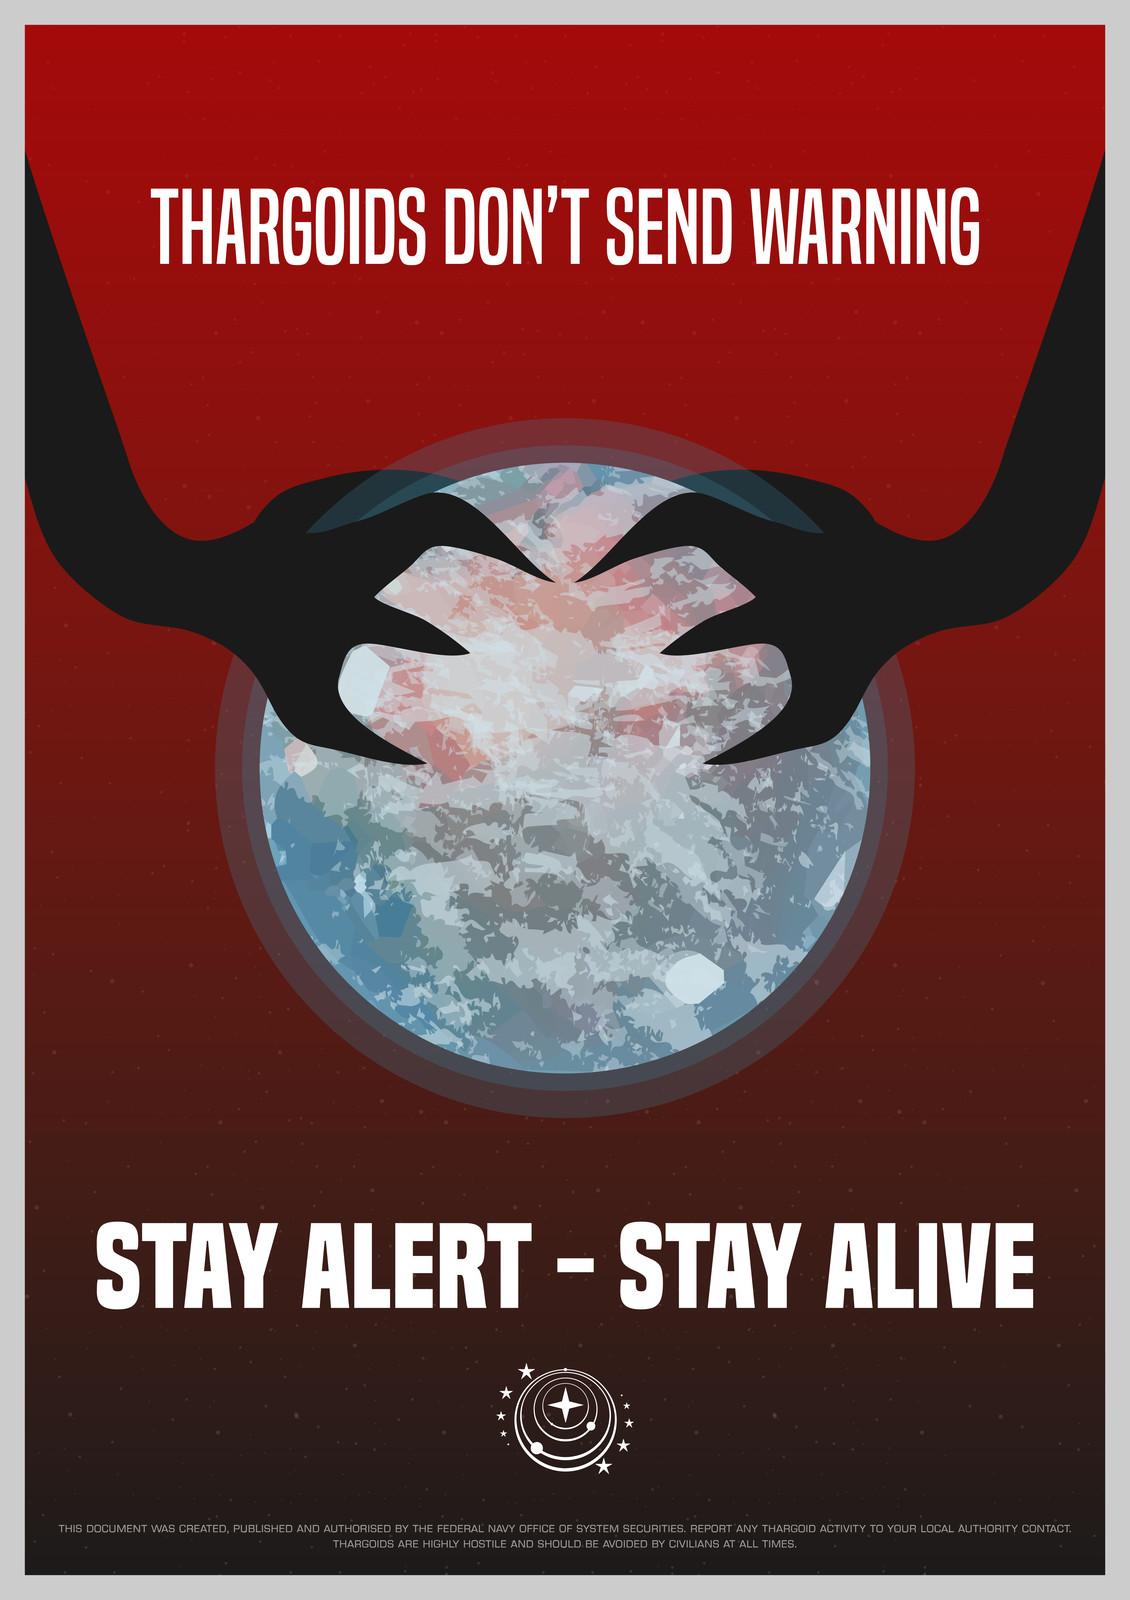 Elite Dangerous - Thargoids don't send warning poster